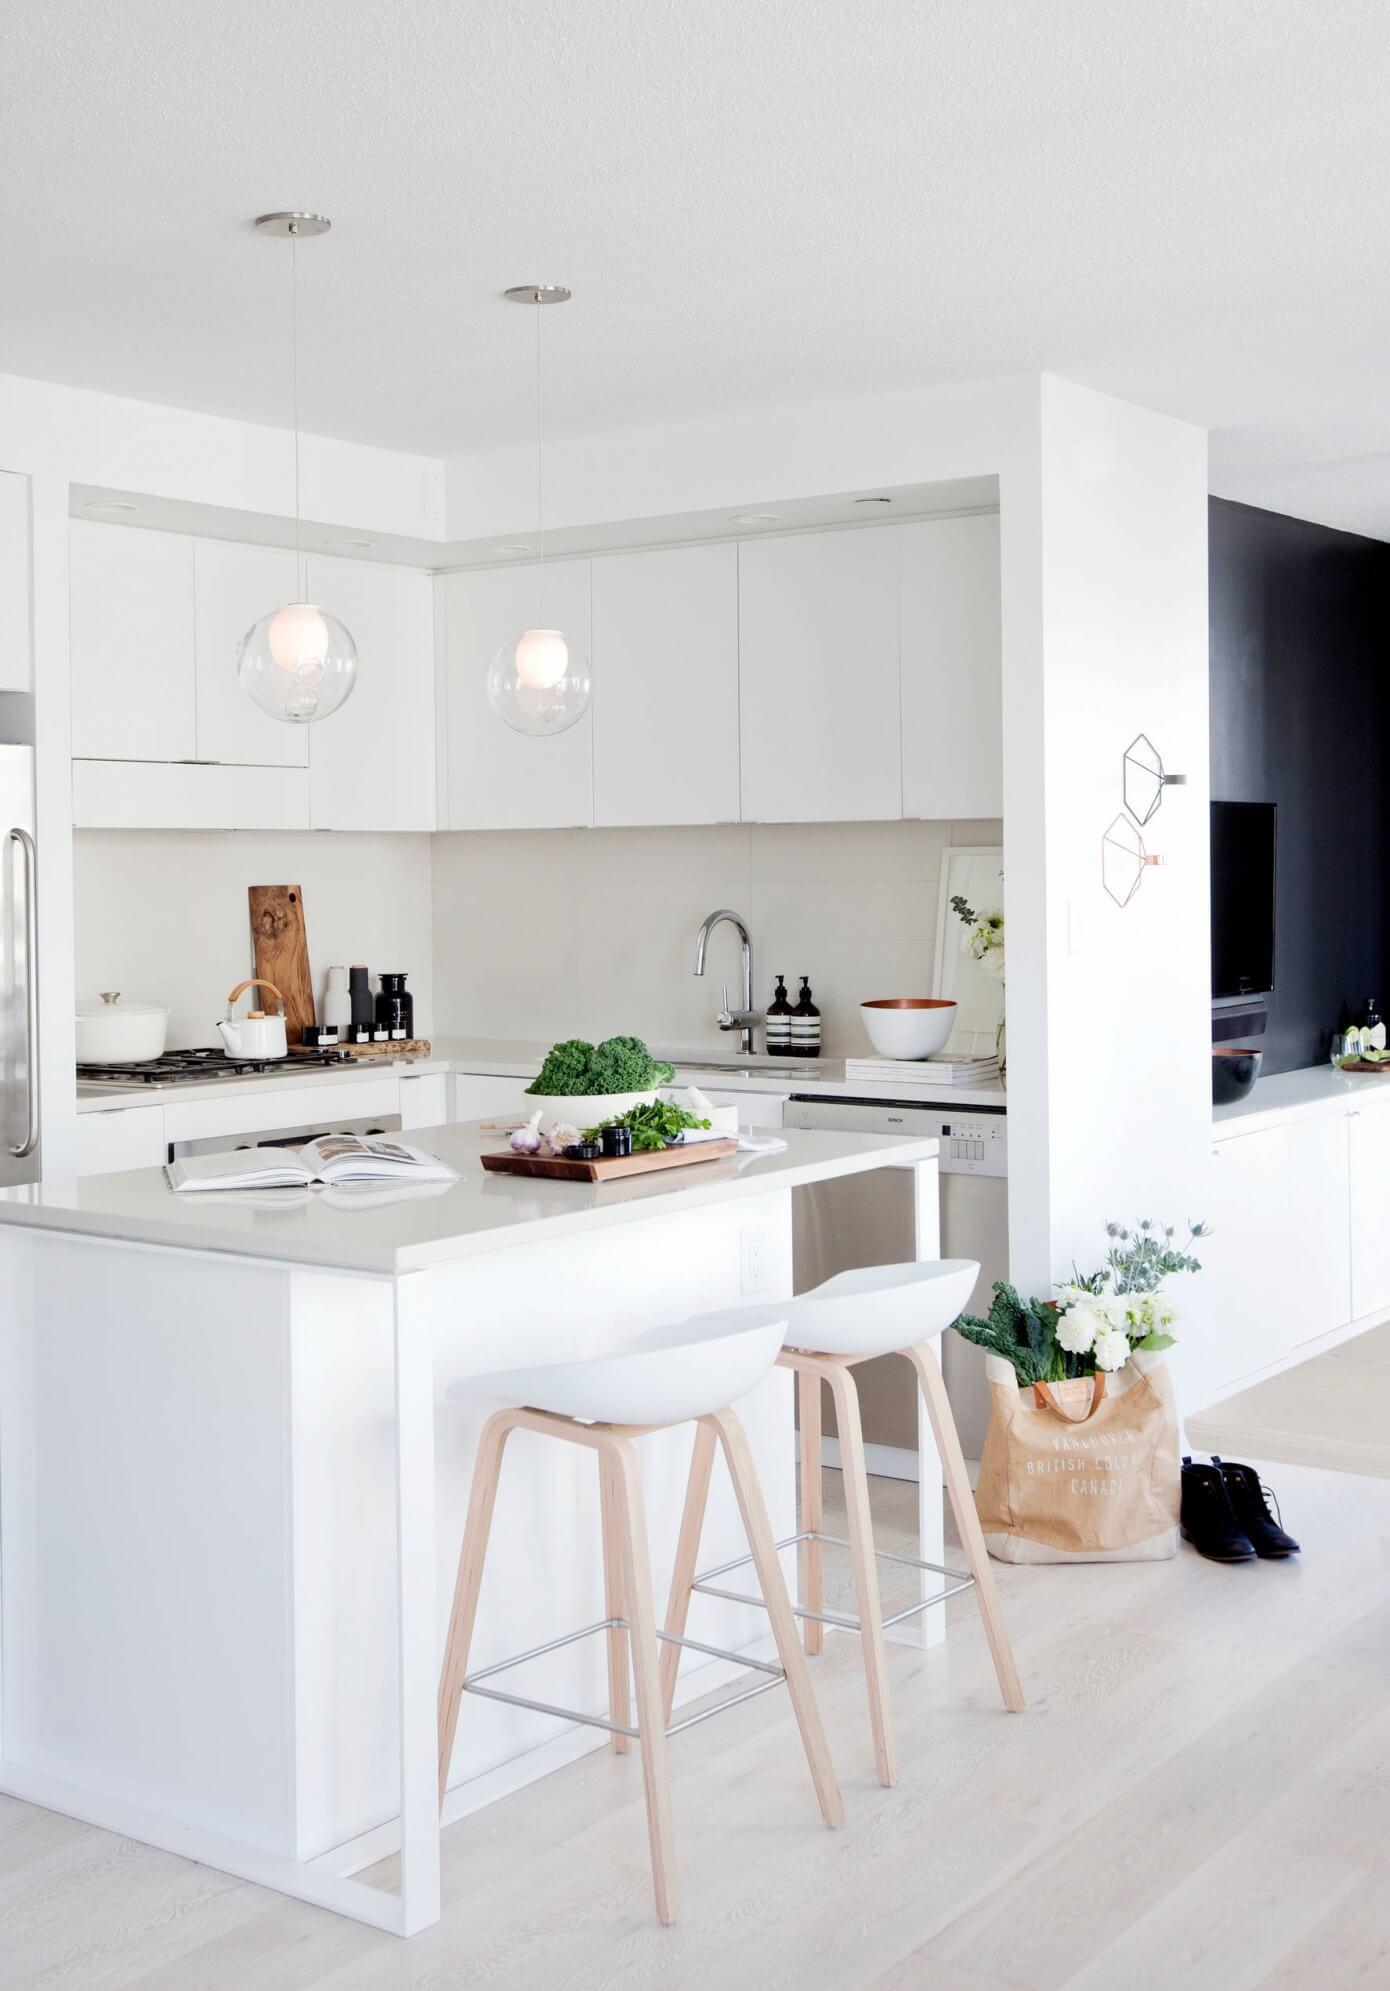 Дизайн кухни с барной стойкой небольшой